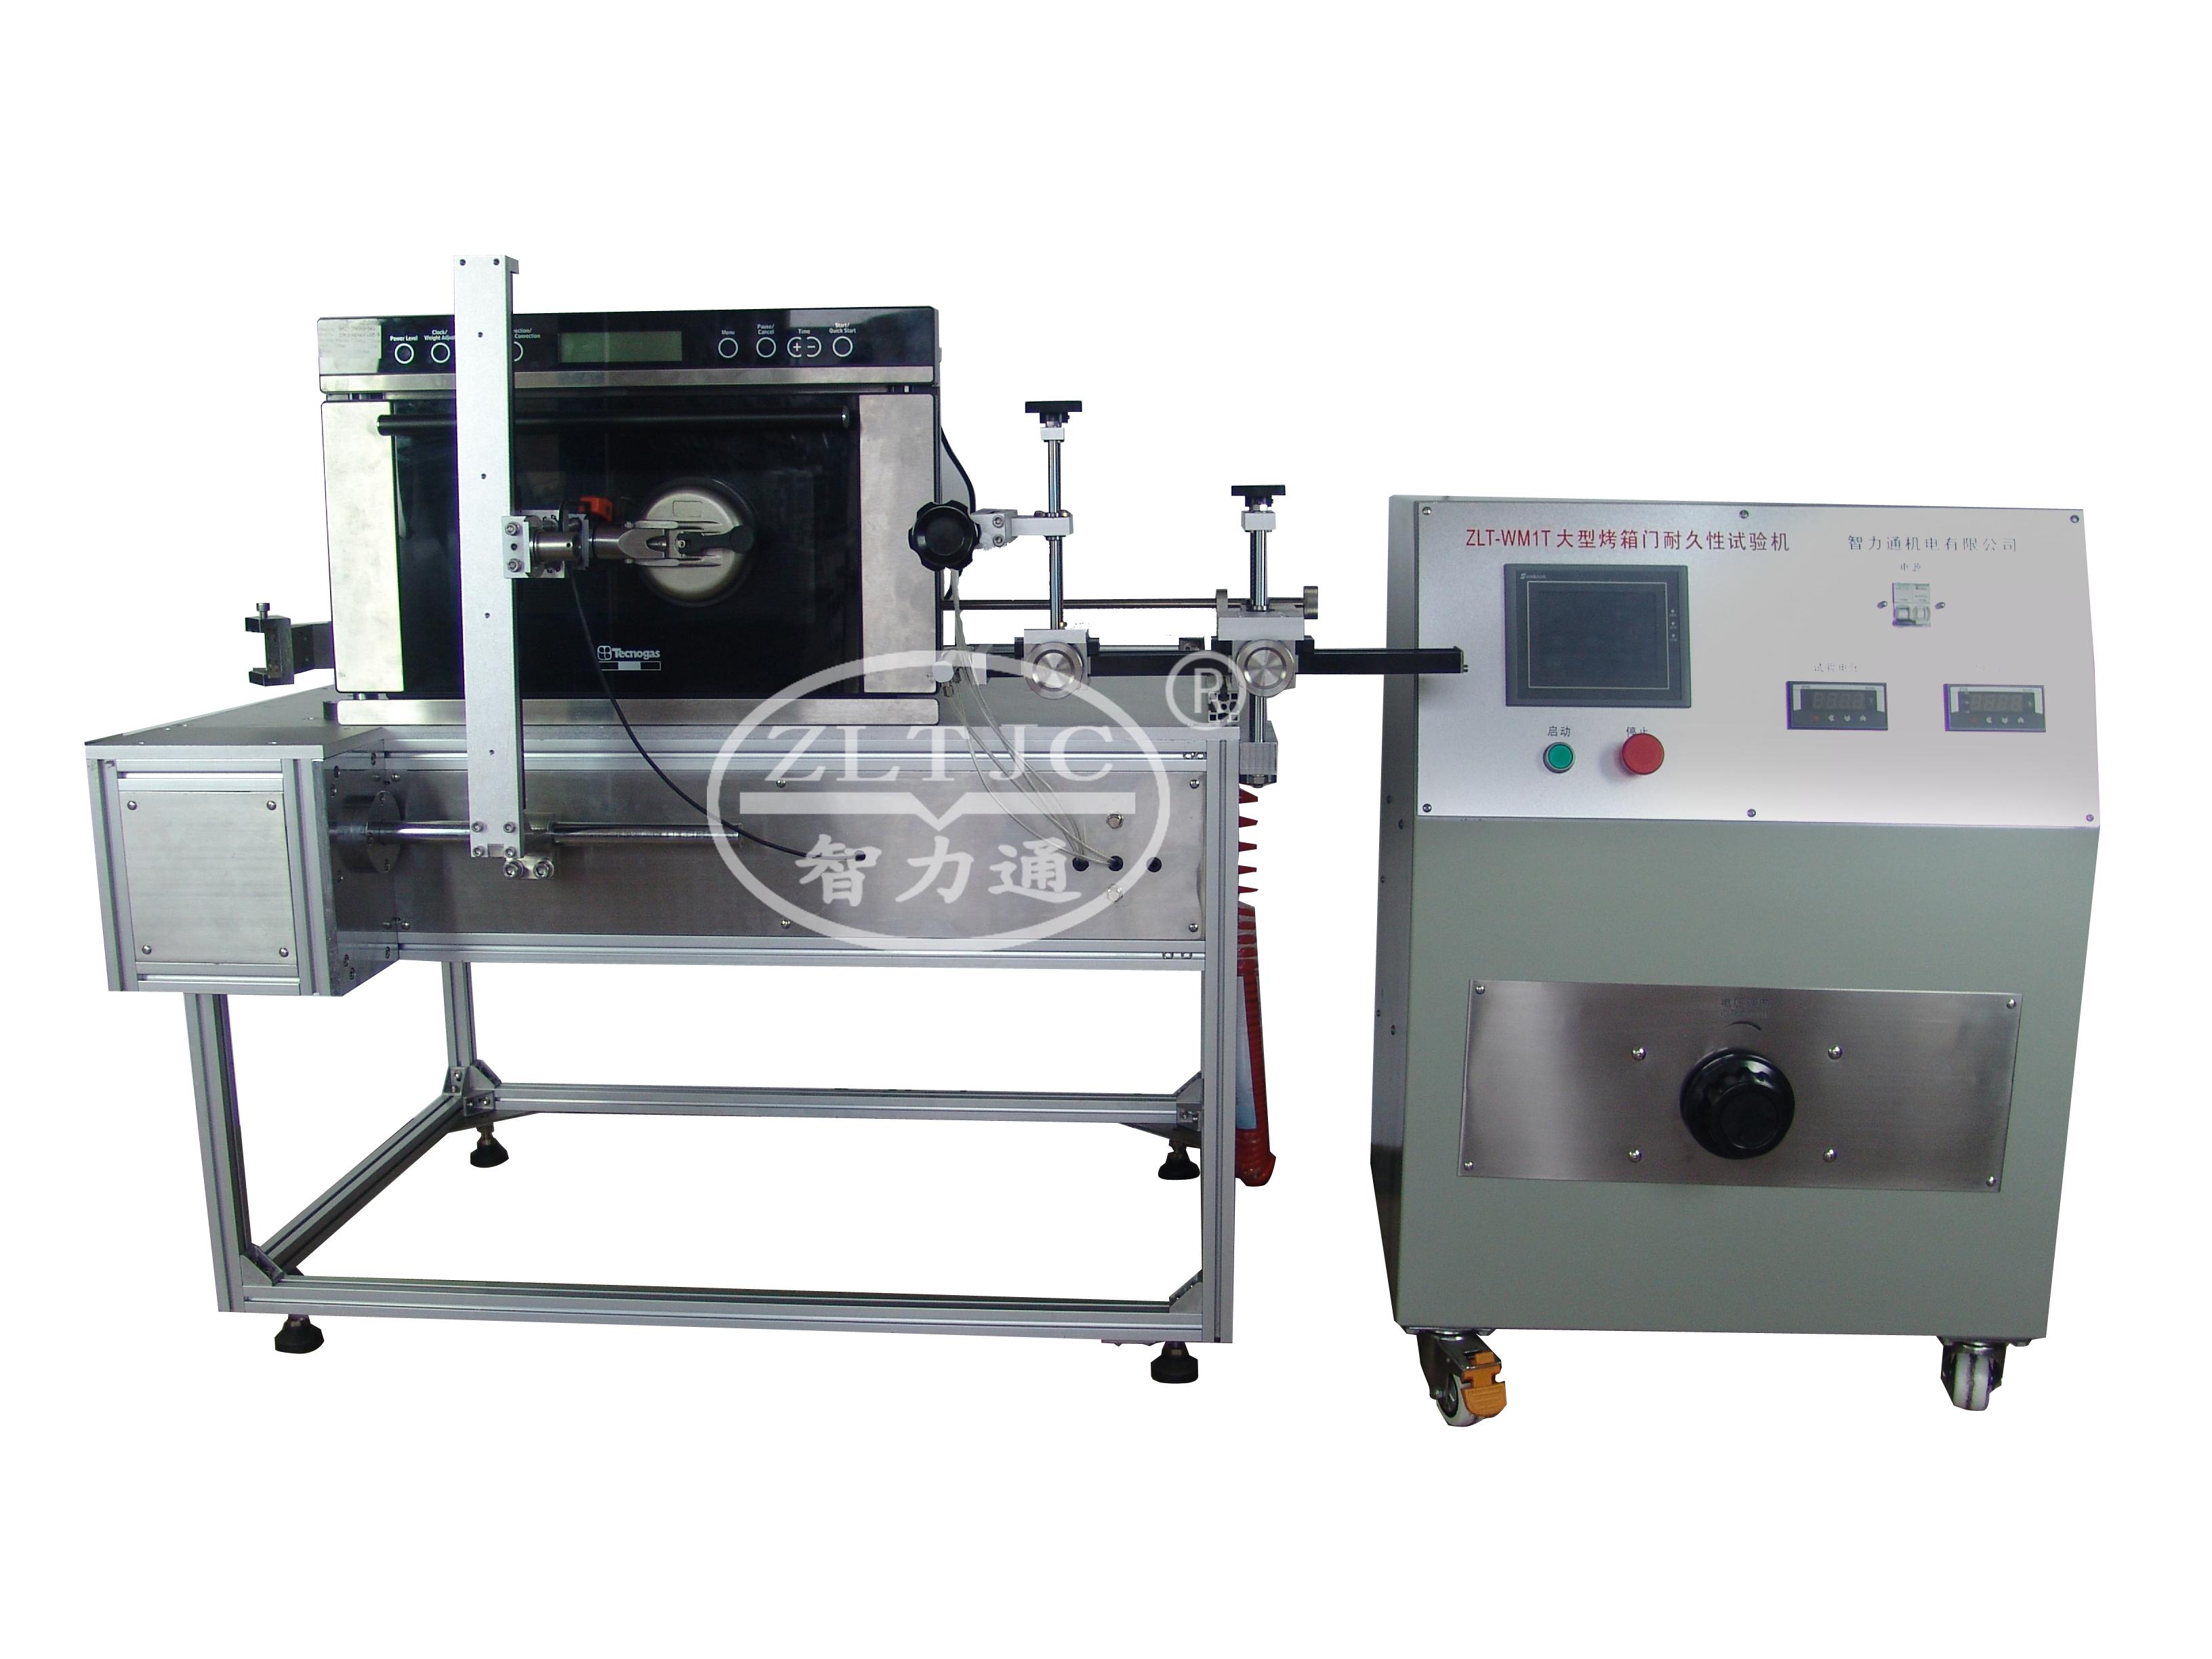 微波炉门耐久性测试装置:ZLT-WM1